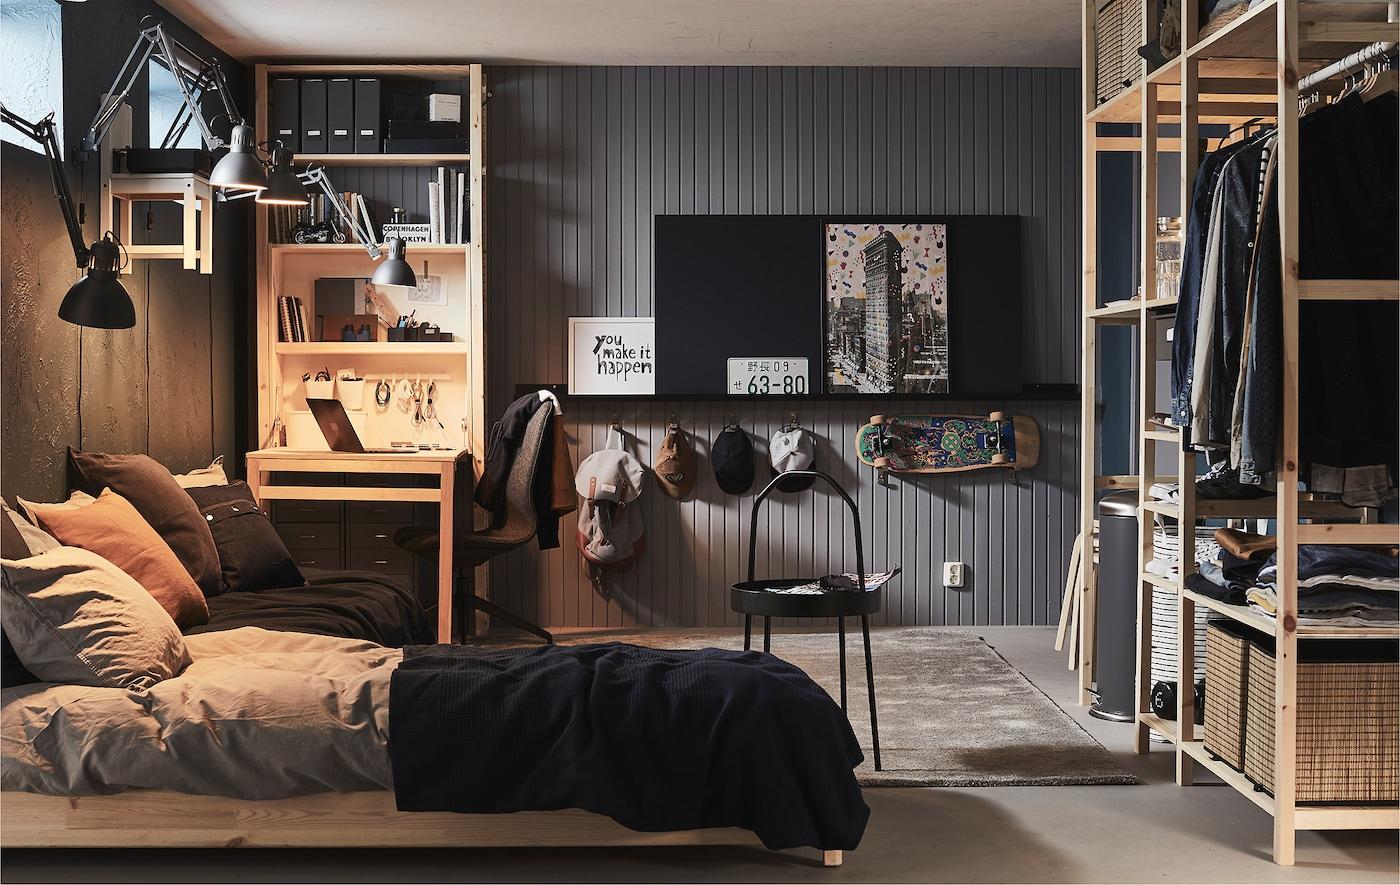 Potpuno namještena soba s visokim prozorima u podrumu ili garaži, s krevetom, radnim stolom i rješenjima za odlaganje u obliku različitih polica.